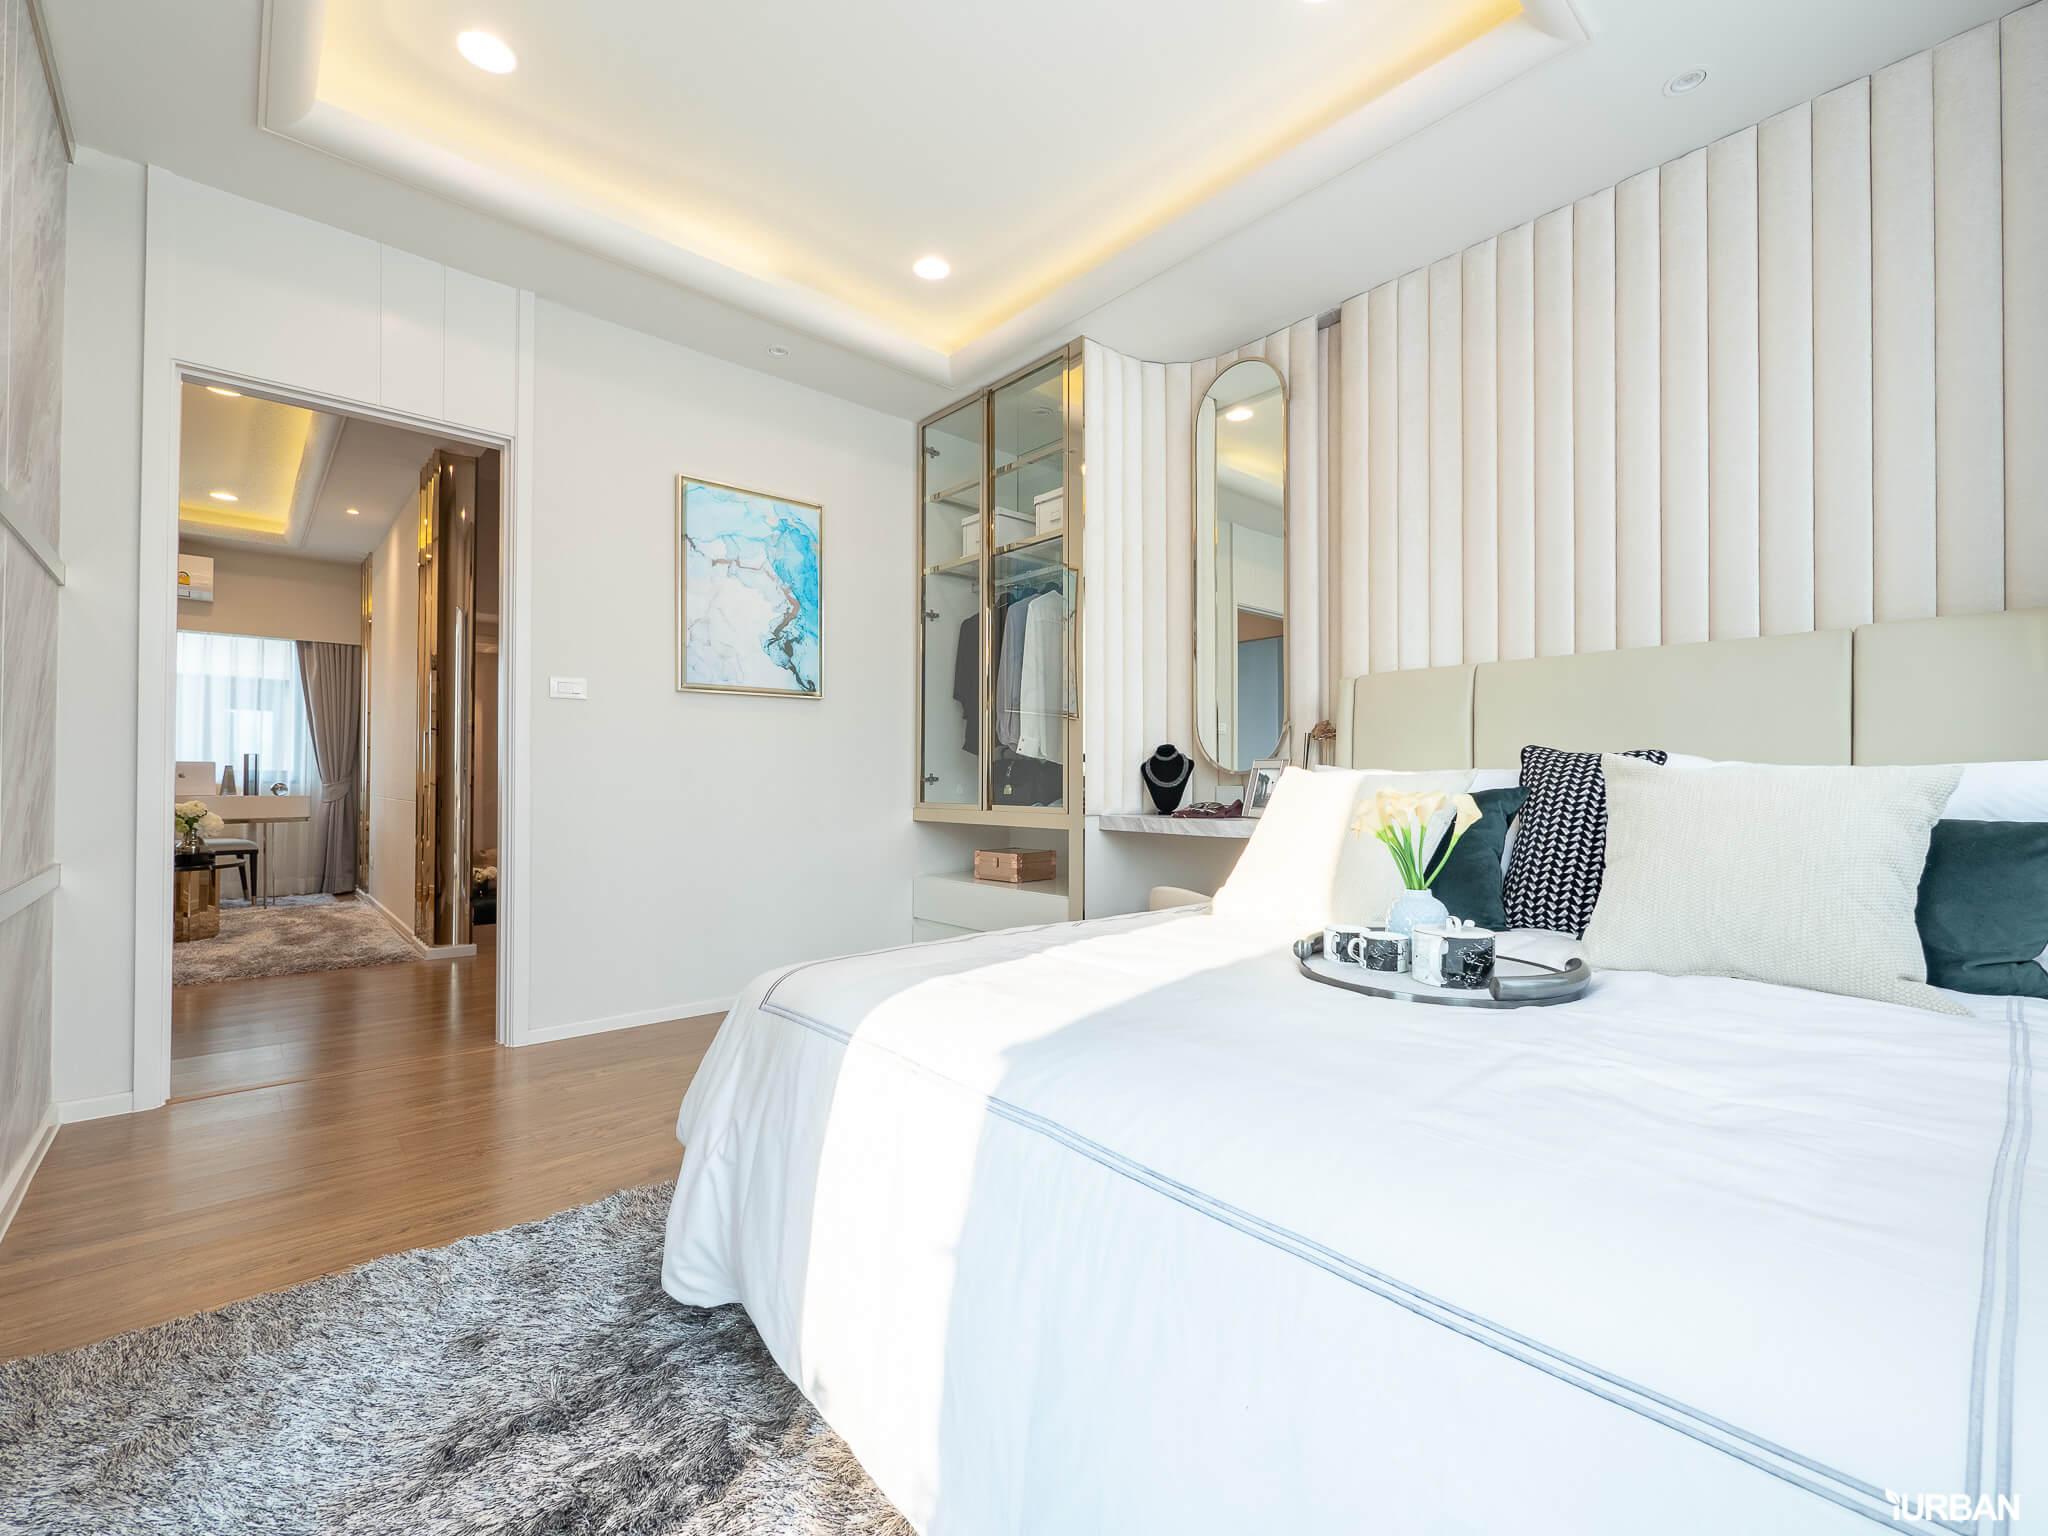 7 โครงการบ้านเอพีช่วยผ่อน 30 เดือน สุขสวัสดิ์-ประชาอุทิศ เข้าเมืองง่าย ทาวน์โฮม-บ้าน เริ่ม 1.99 ล้าน 119 - AP (Thailand) - เอพี (ไทยแลนด์)